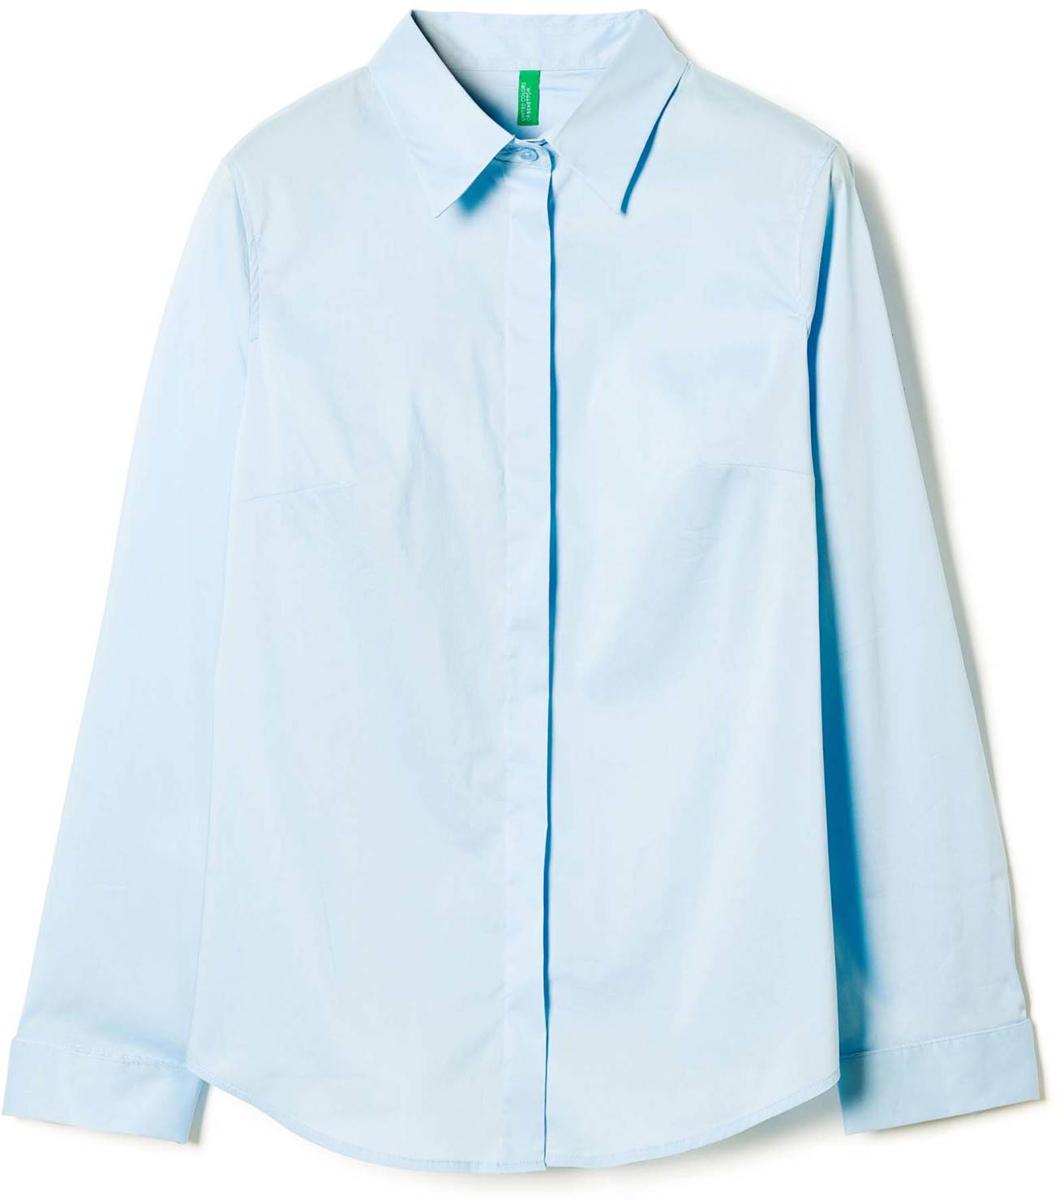 Рубашка жен United Colors of Benetton, цвет: голубой. 5AWR5Q6E3_33G. Размер S (42/44)5AWR5Q6E3_33GРубашка женская United Colors of Benetton выполнено из качественного материала. Модель с отложным воротником застегивается на пуговицы.